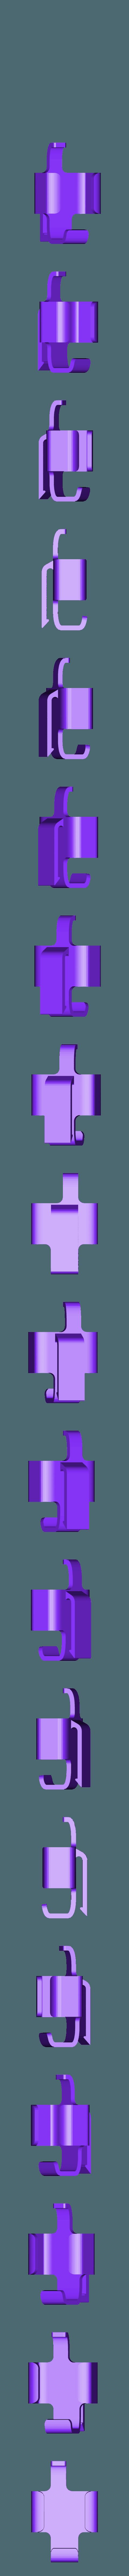 OnePiece_SmartkeyBeltClip.stl Télécharger fichier STL gratuit Clip de ceinture pour Prius Smartkey (étui) • Plan pour impression 3D, Djindra